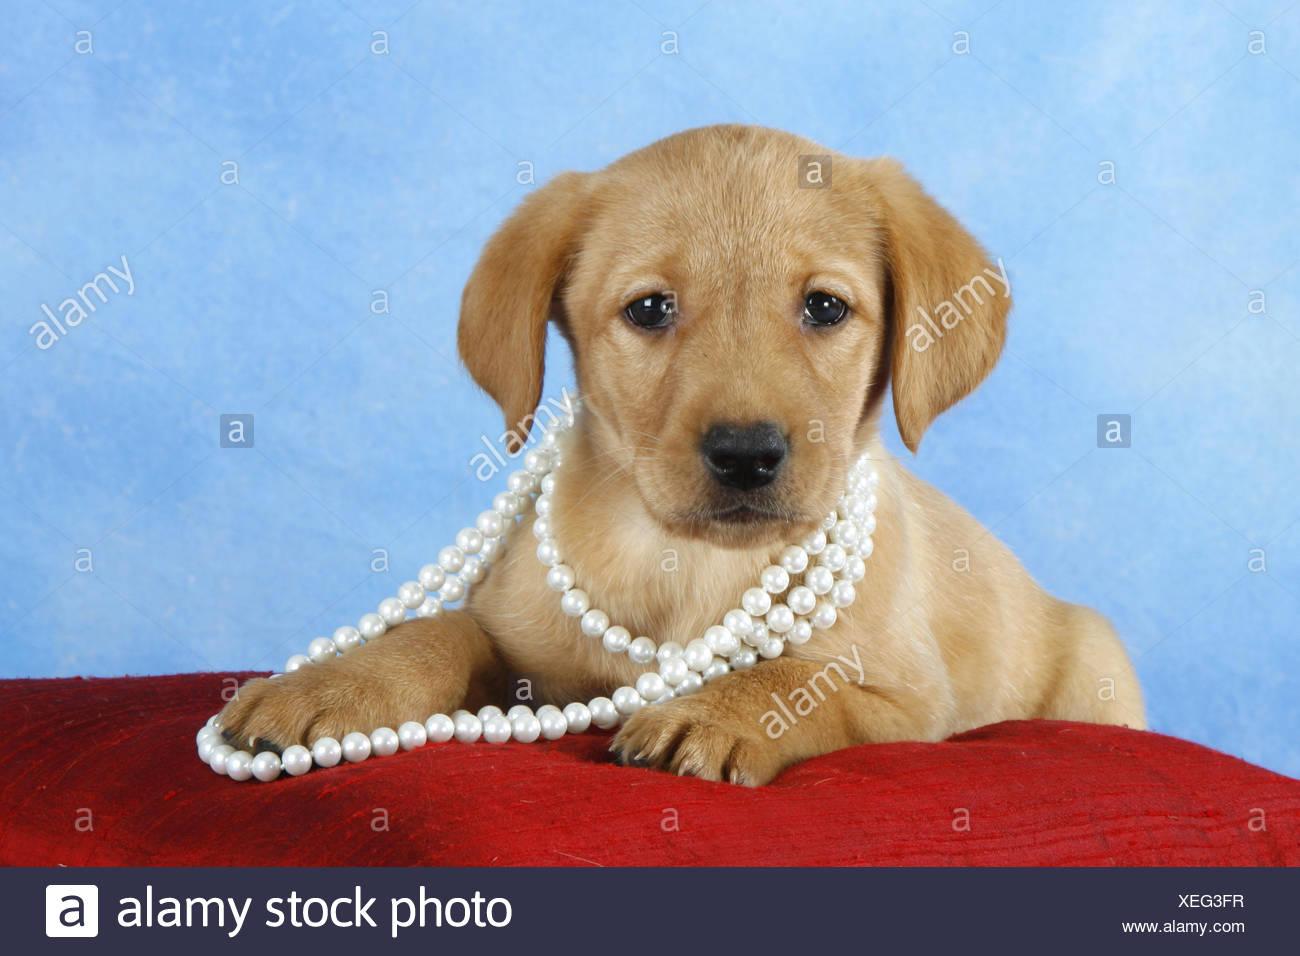 Labrador Retriever Whelp - Stock Image